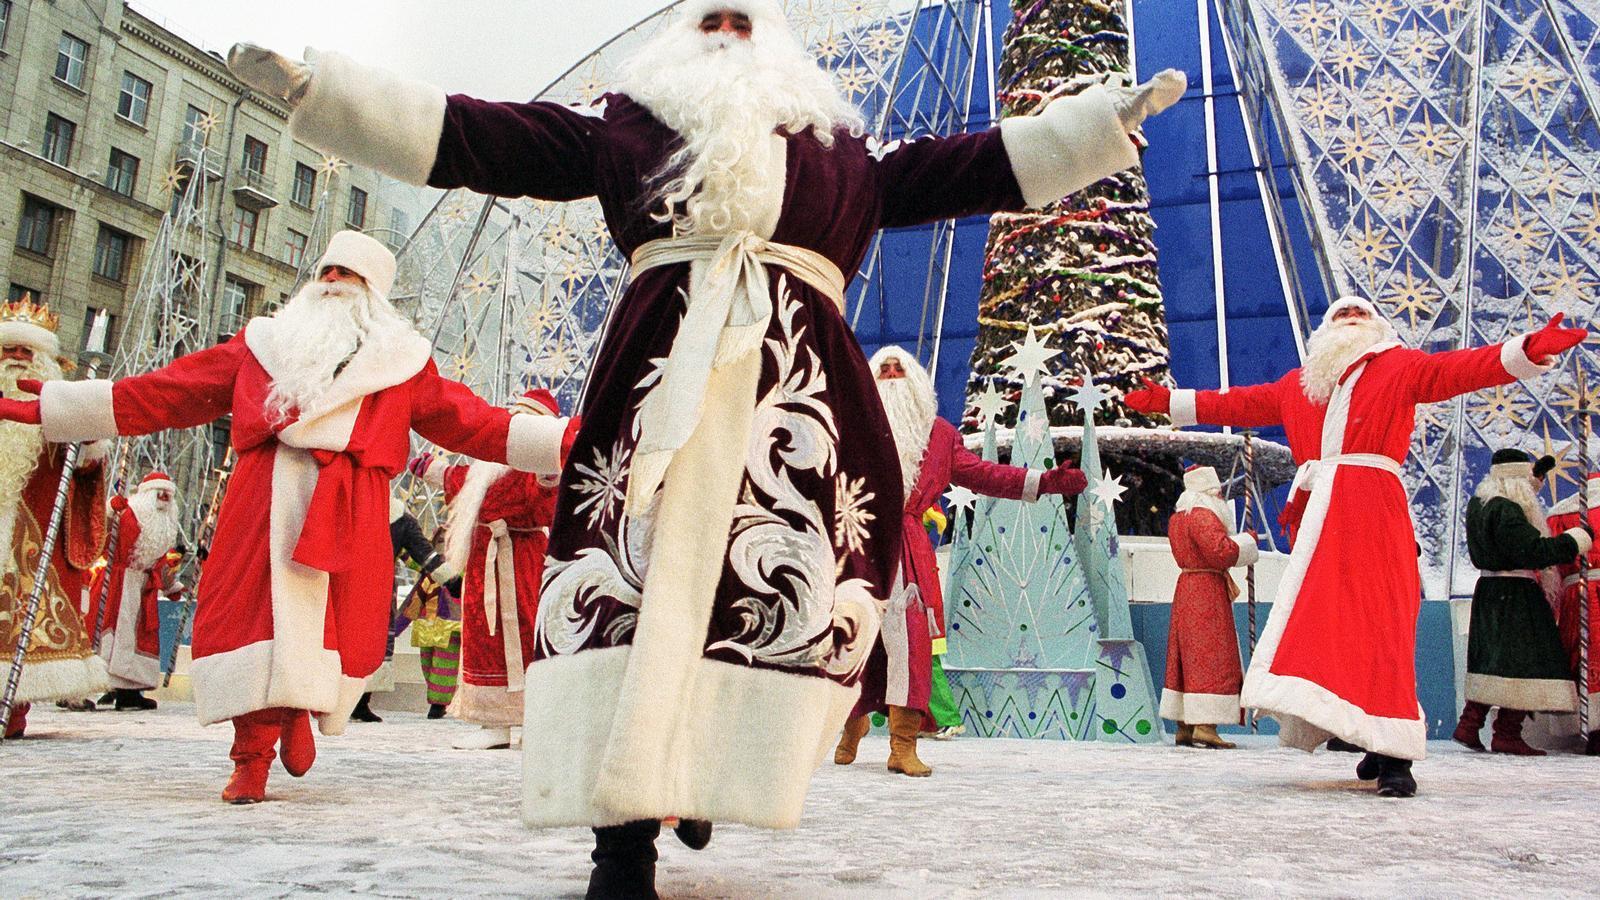 Ded Moroz és un personatge de la tradició russa